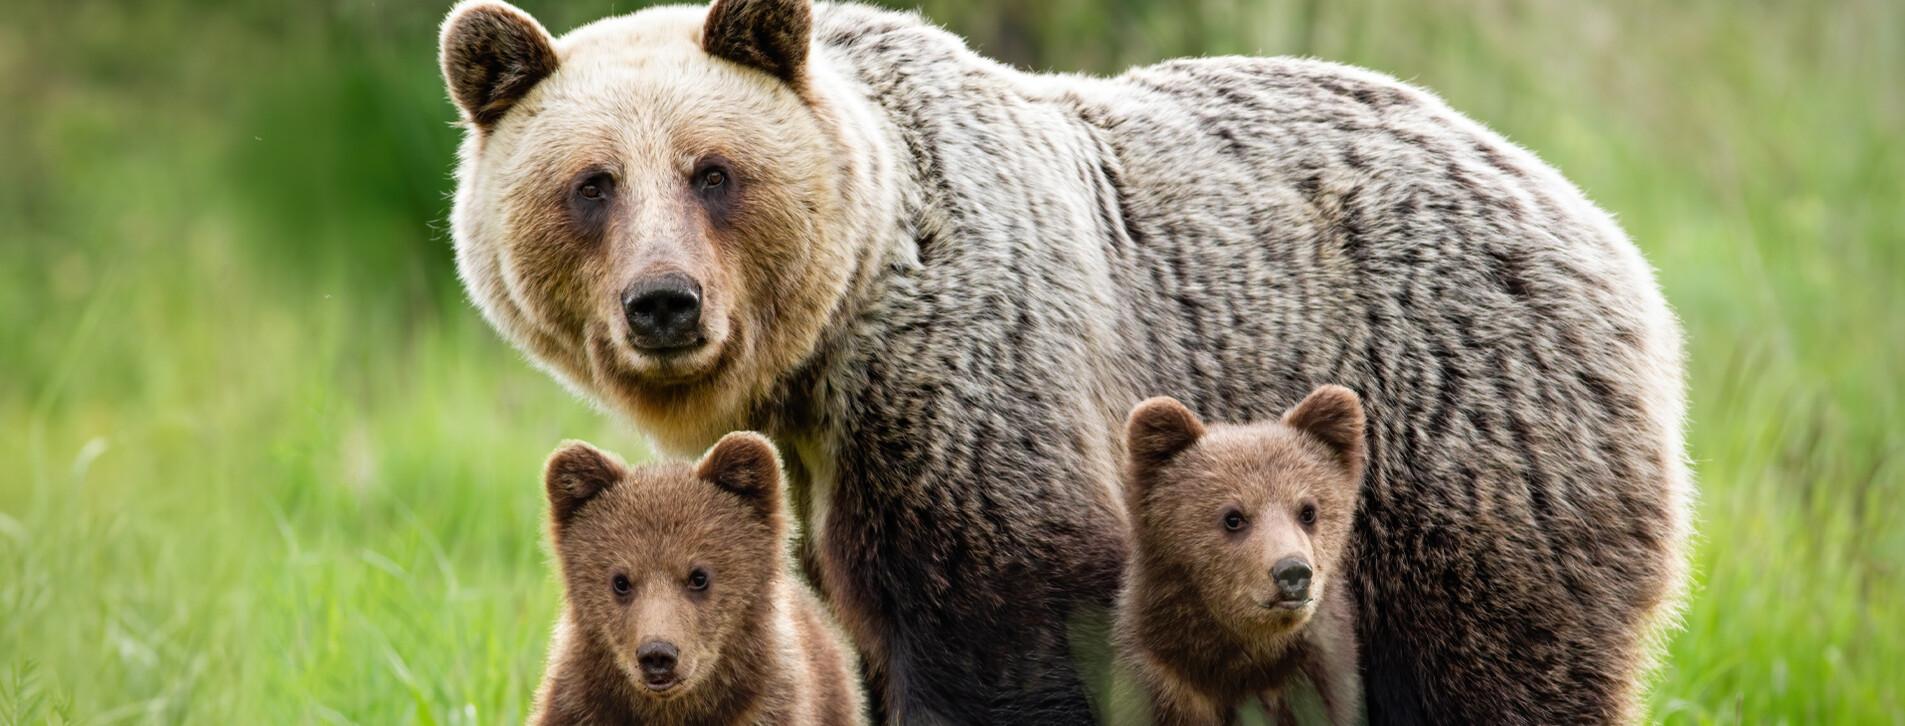 Фото 1 - Семейная экскурсия в медвежий приют с завтраком